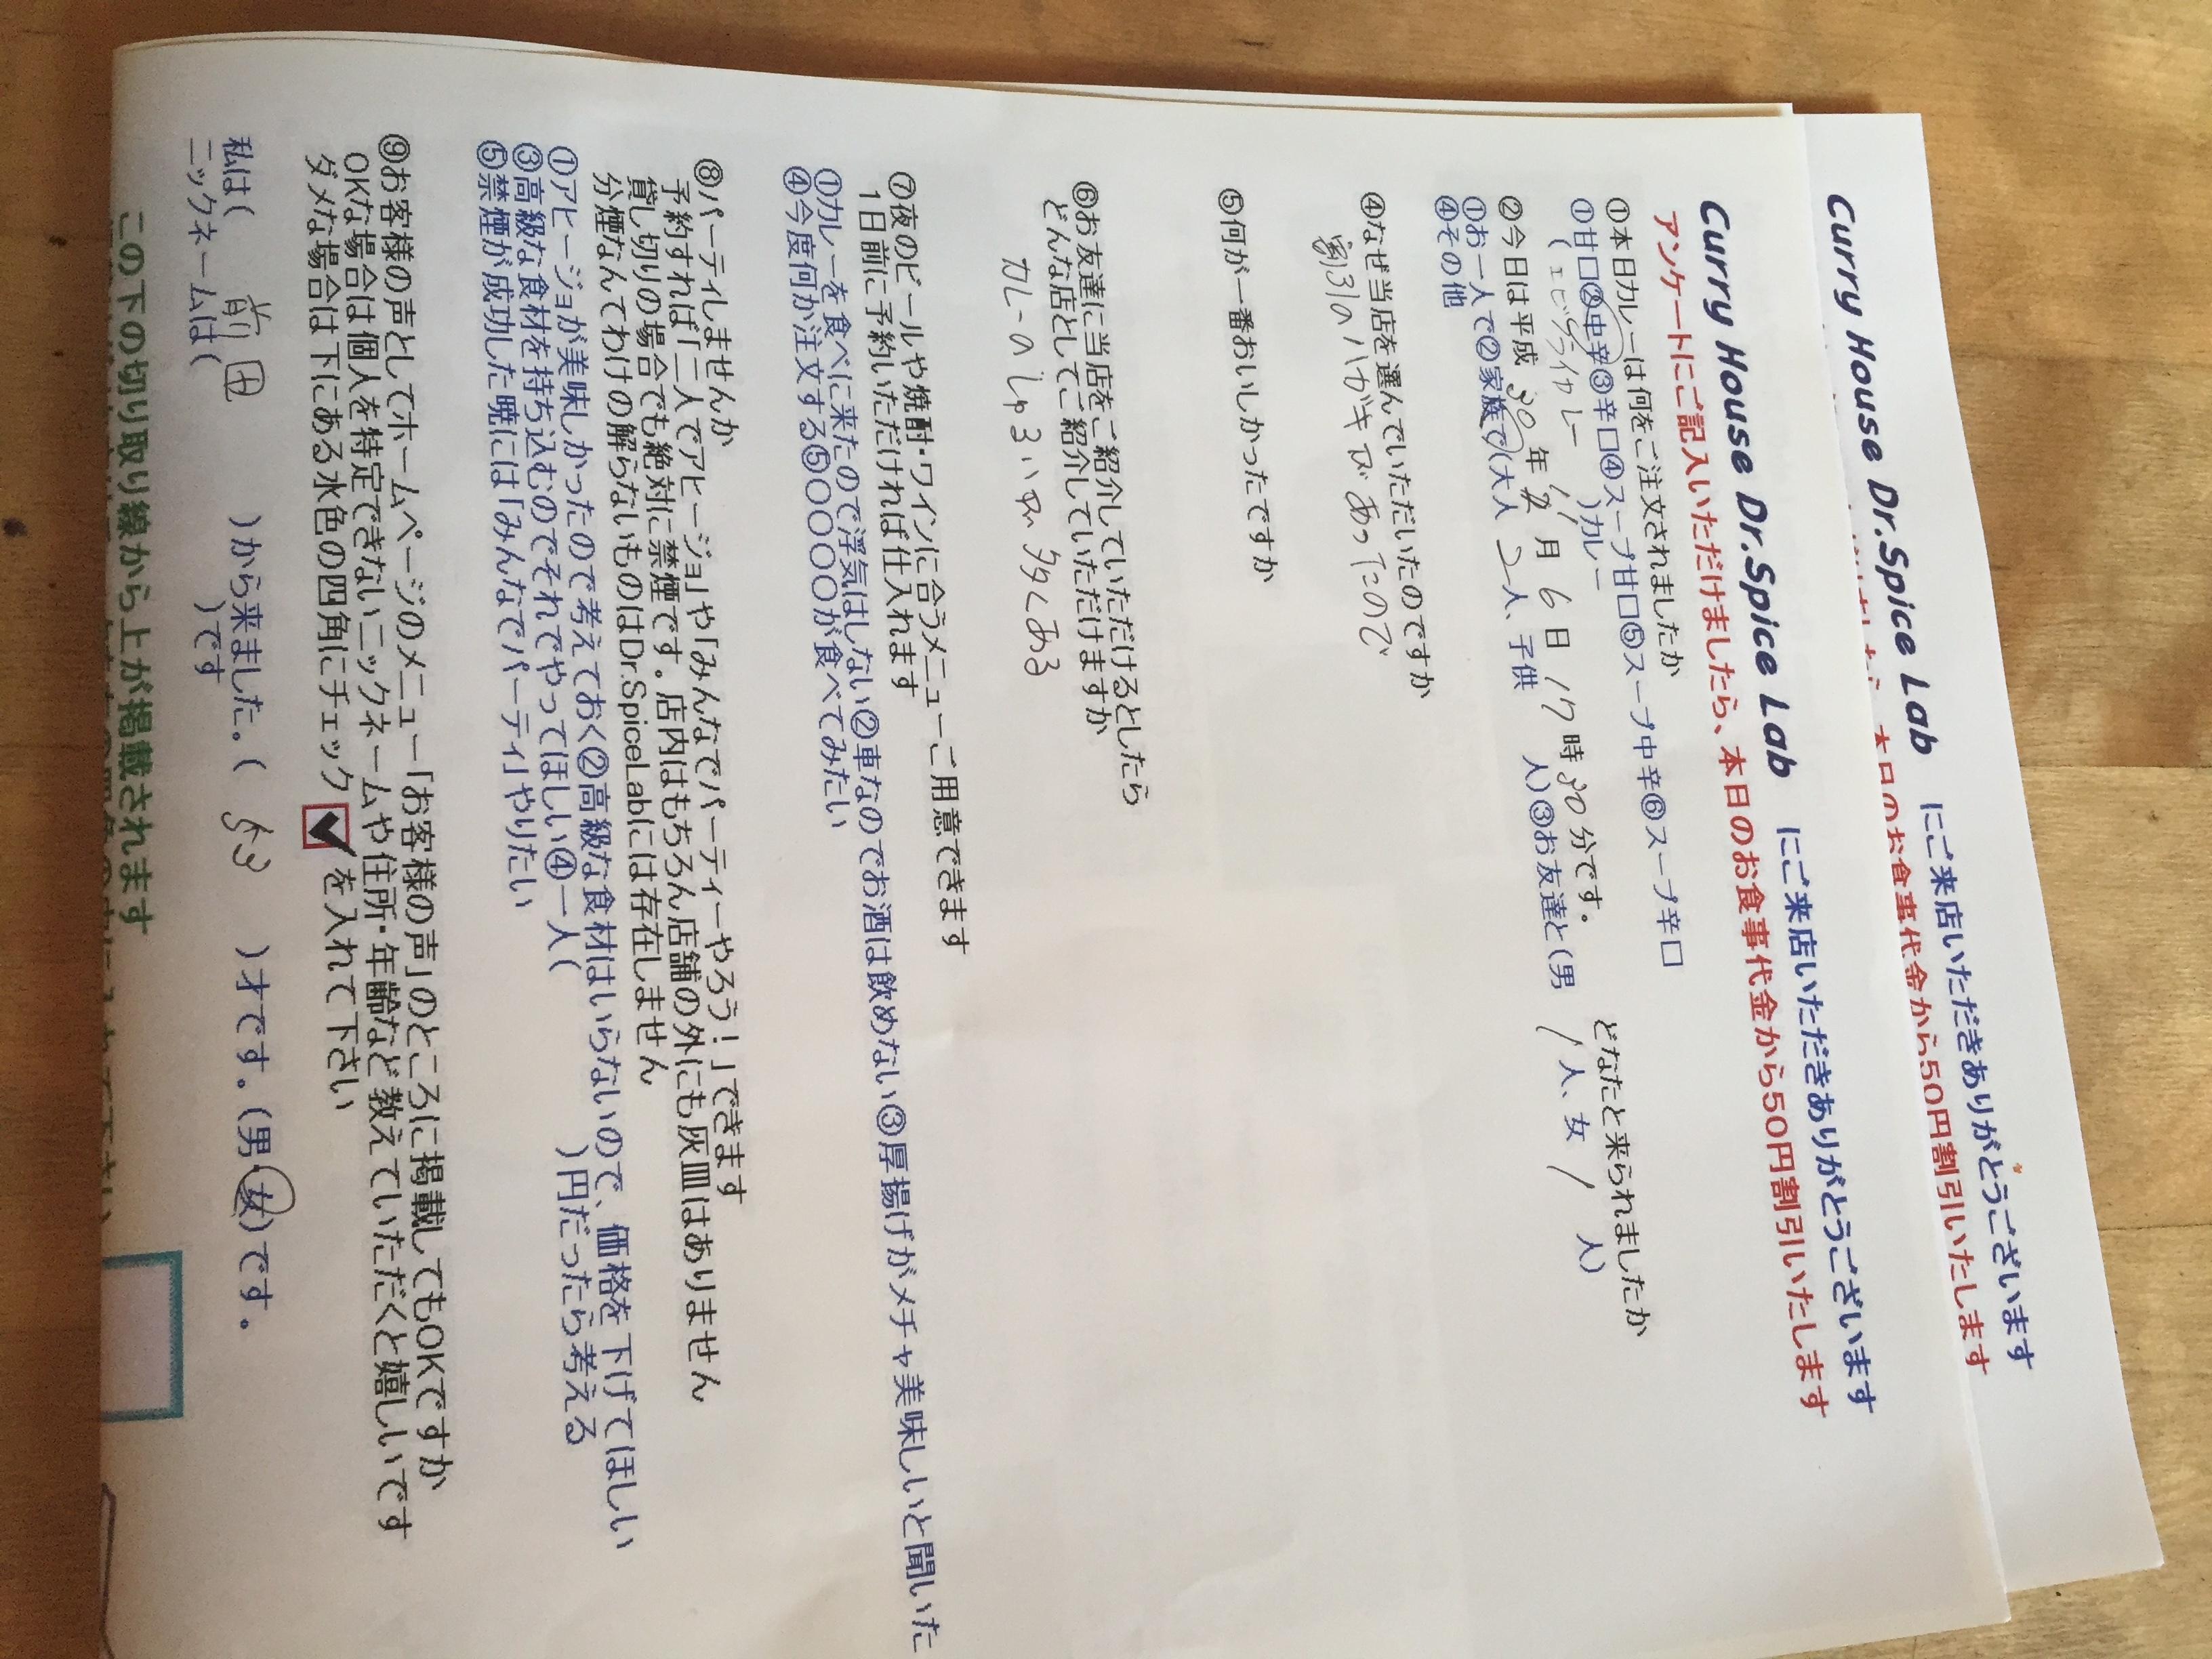 前田から来ていただいた名無しさんご来店ありがとうございます